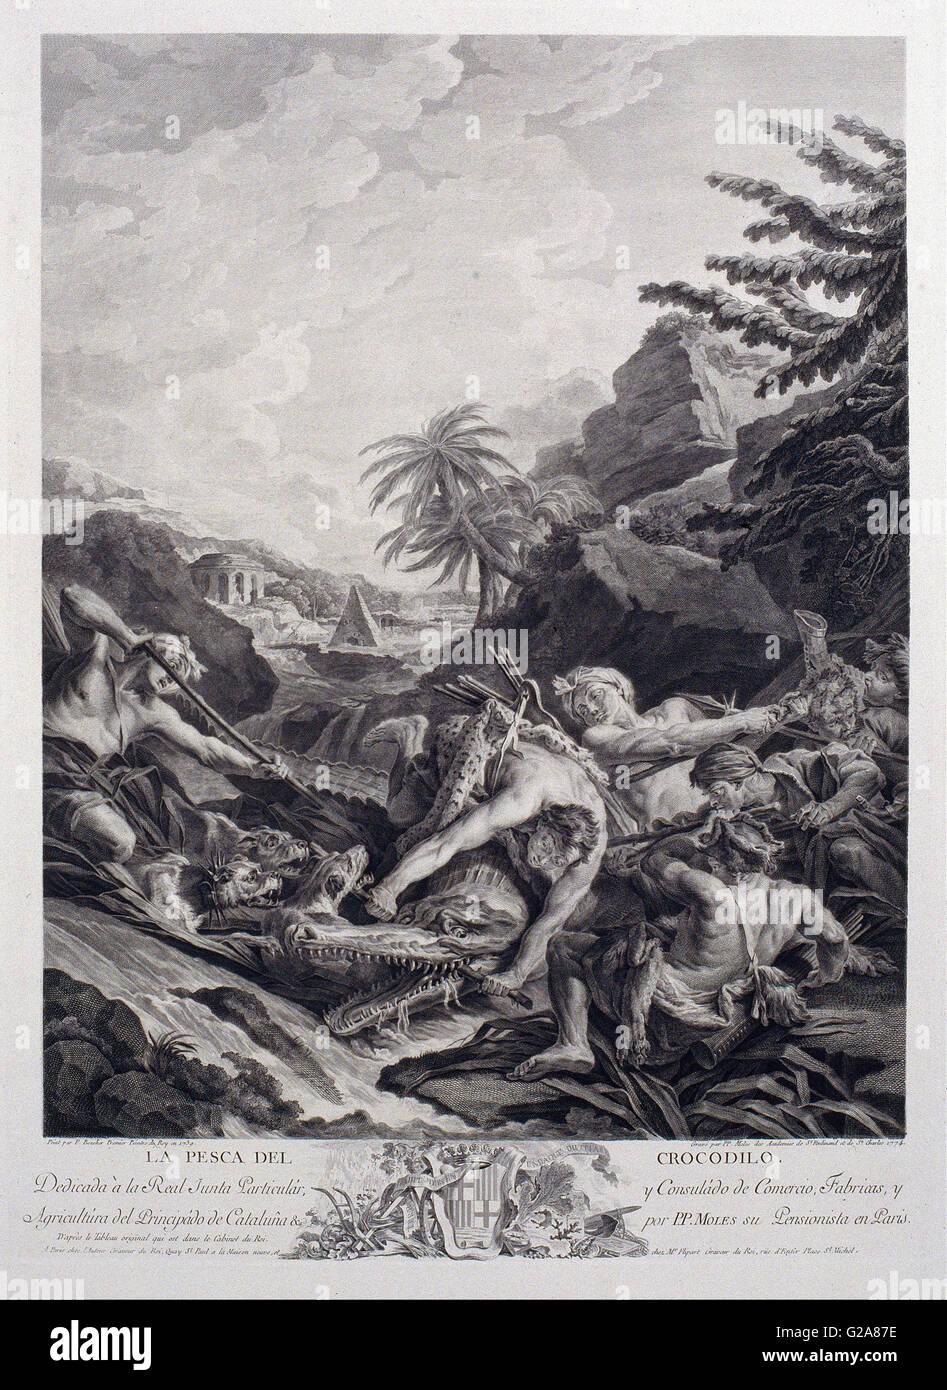 Pasqual Pere Moles Corones - Crocodile Hunting - Stock Image